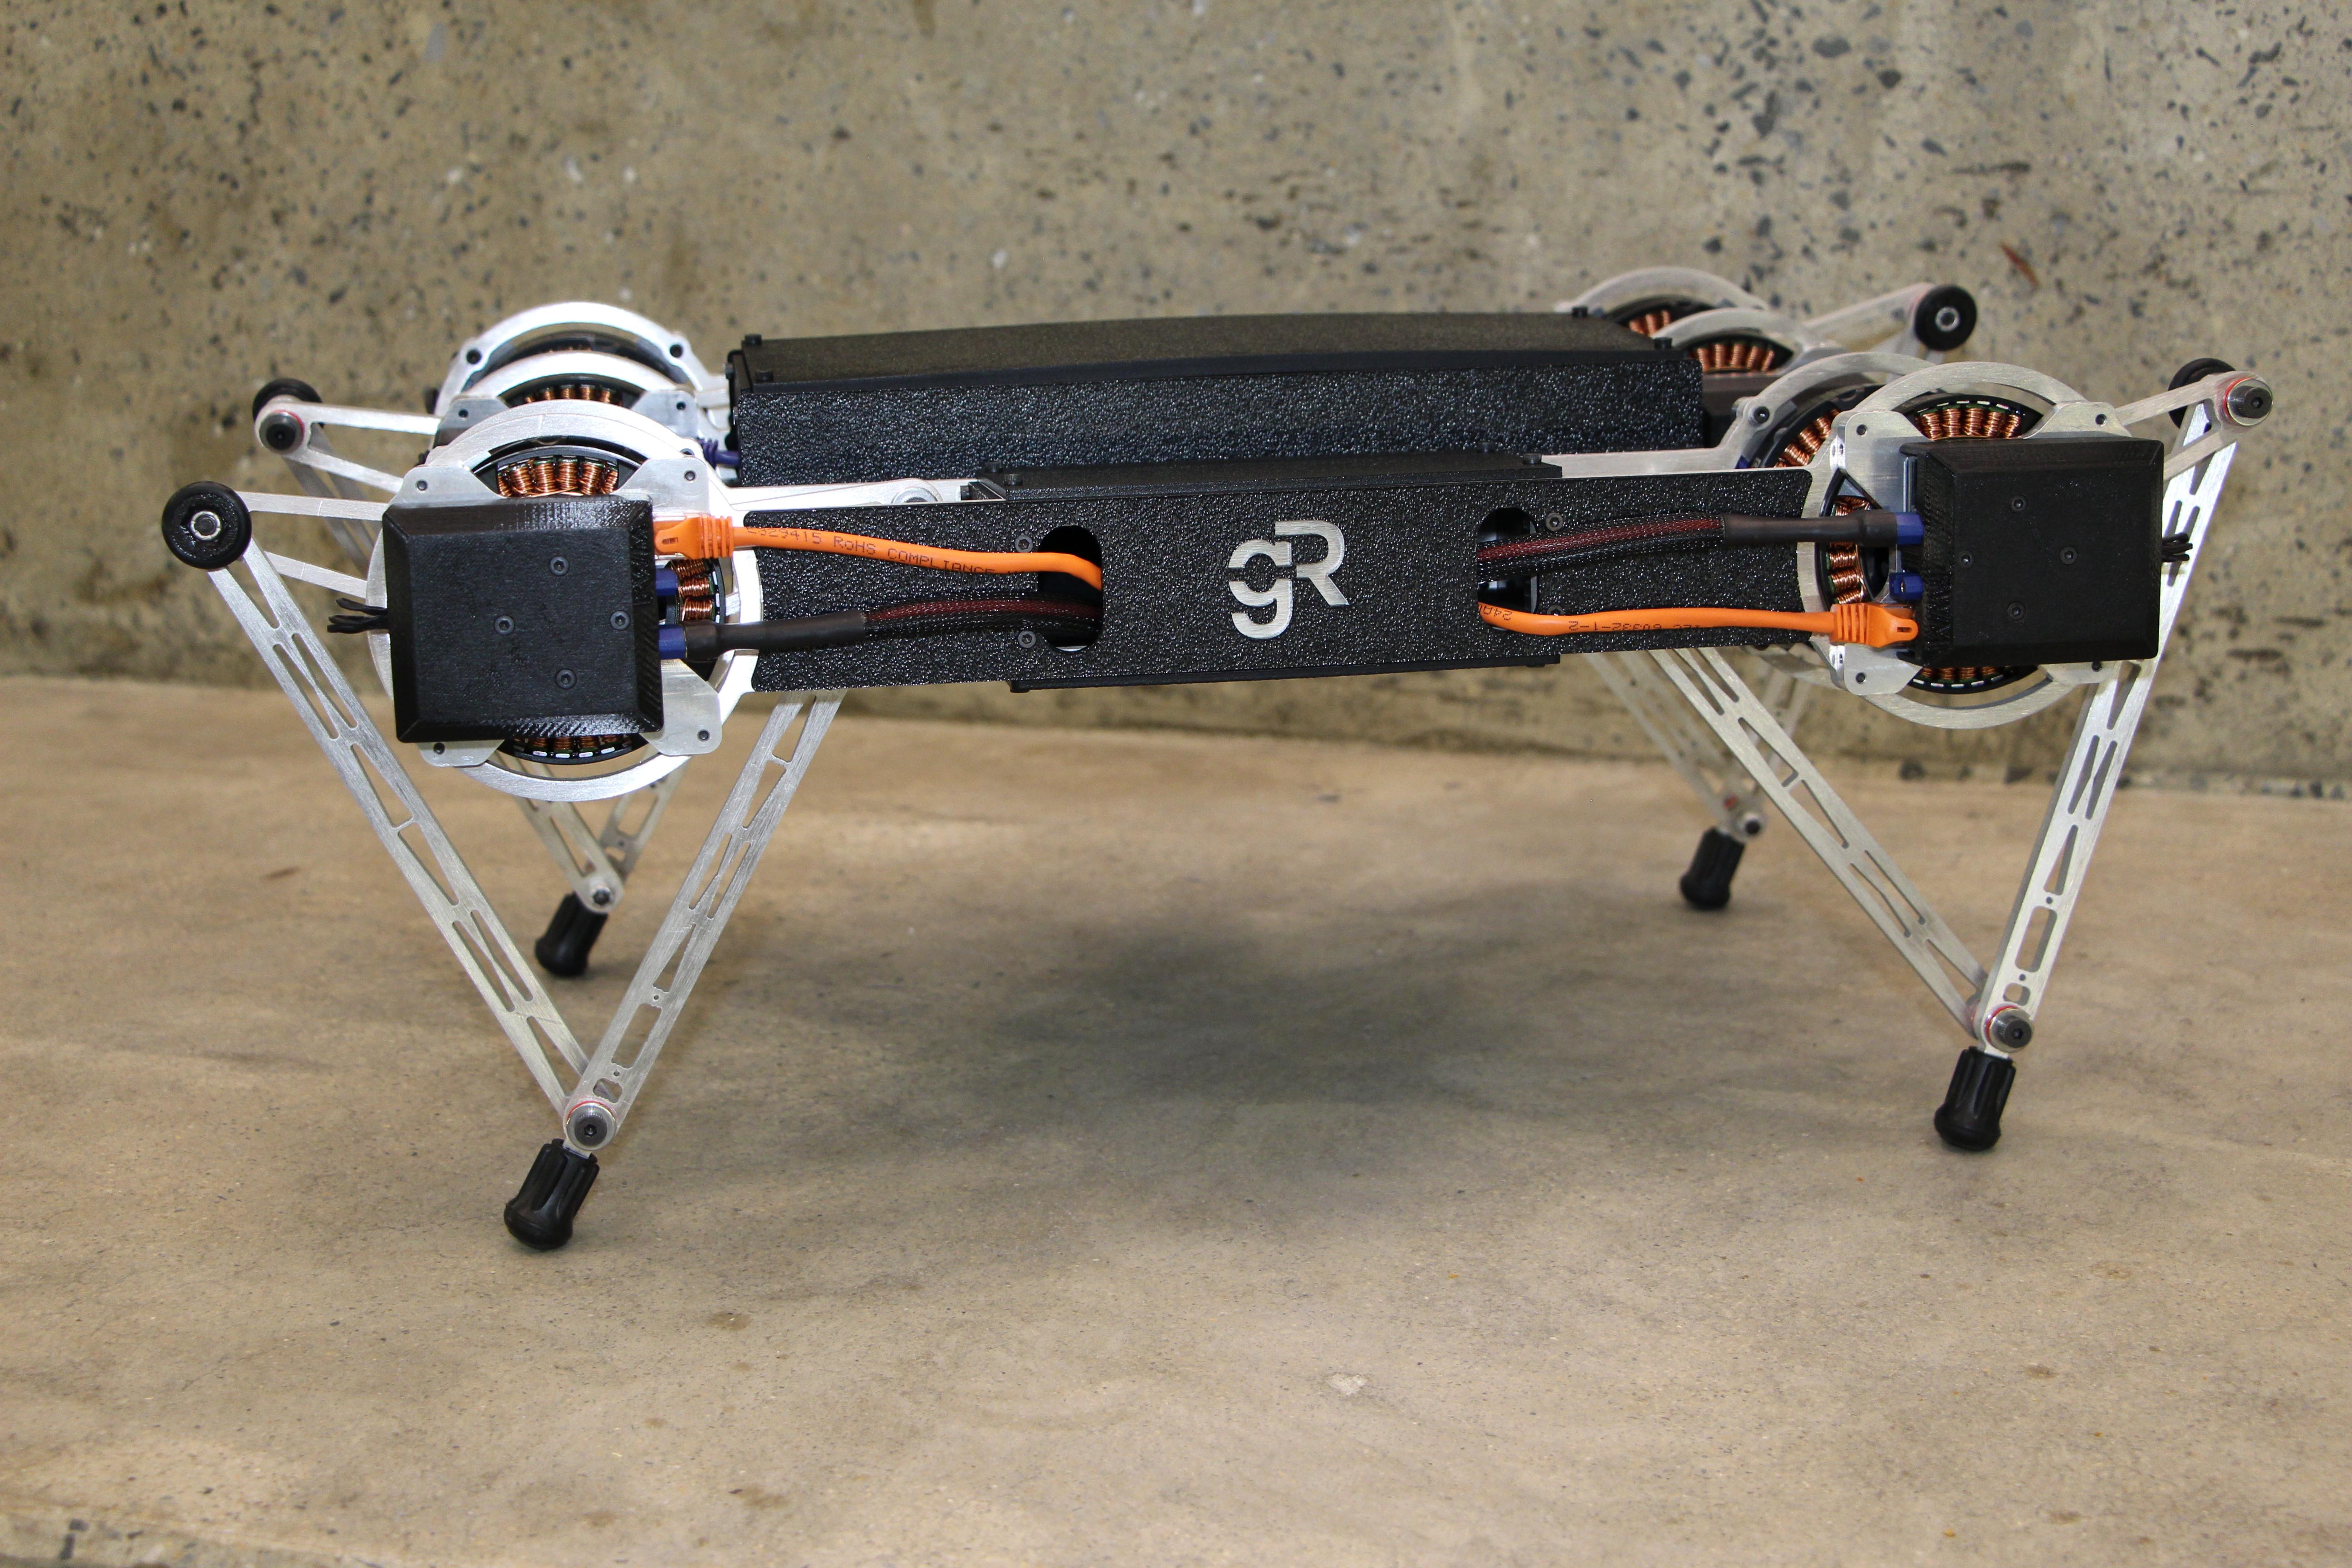 The vivacious, acrobatic Minitaur robot